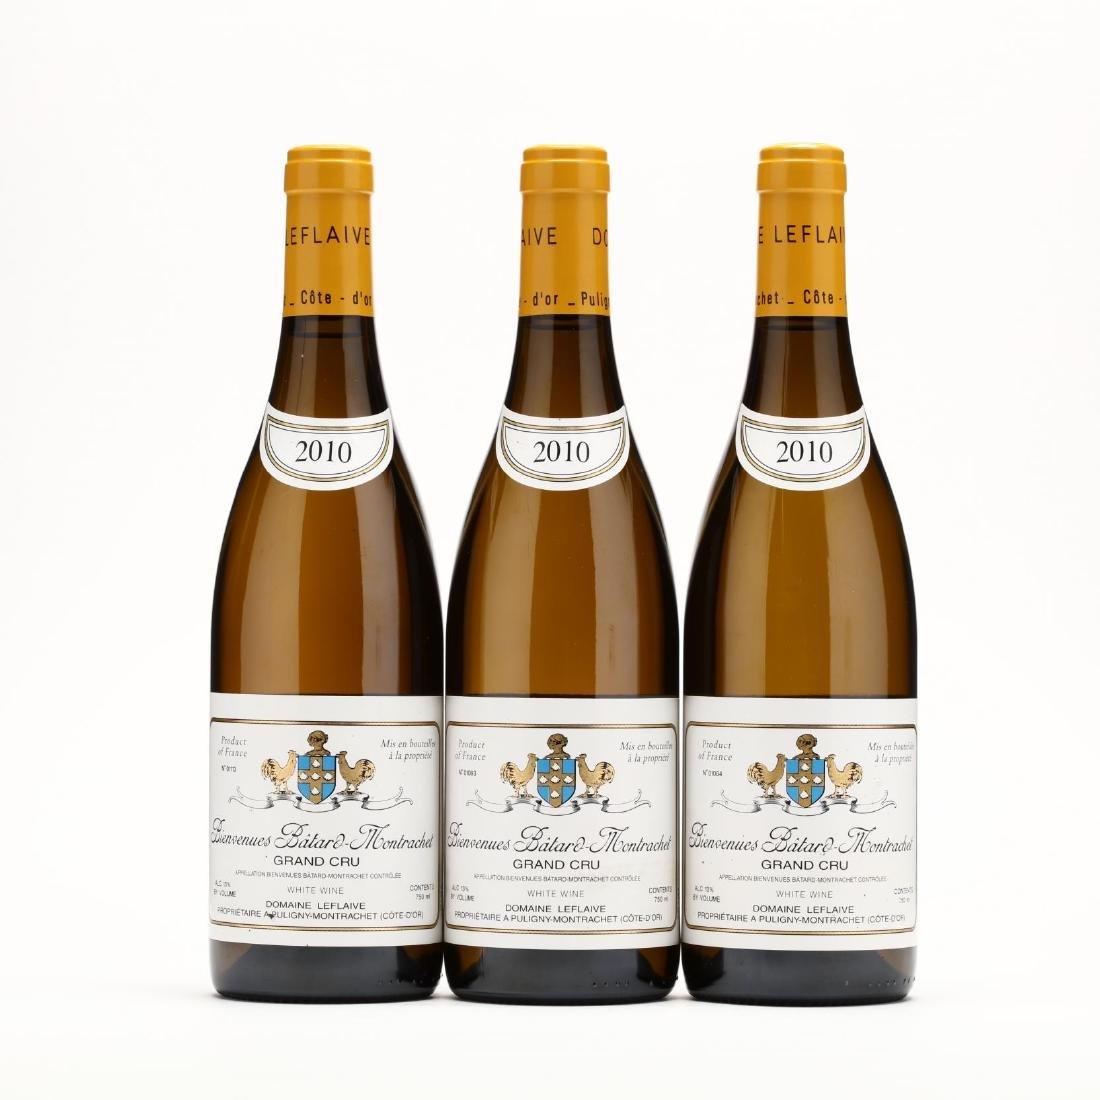 Bienvenues Batard Montrachet - Vintage 2010